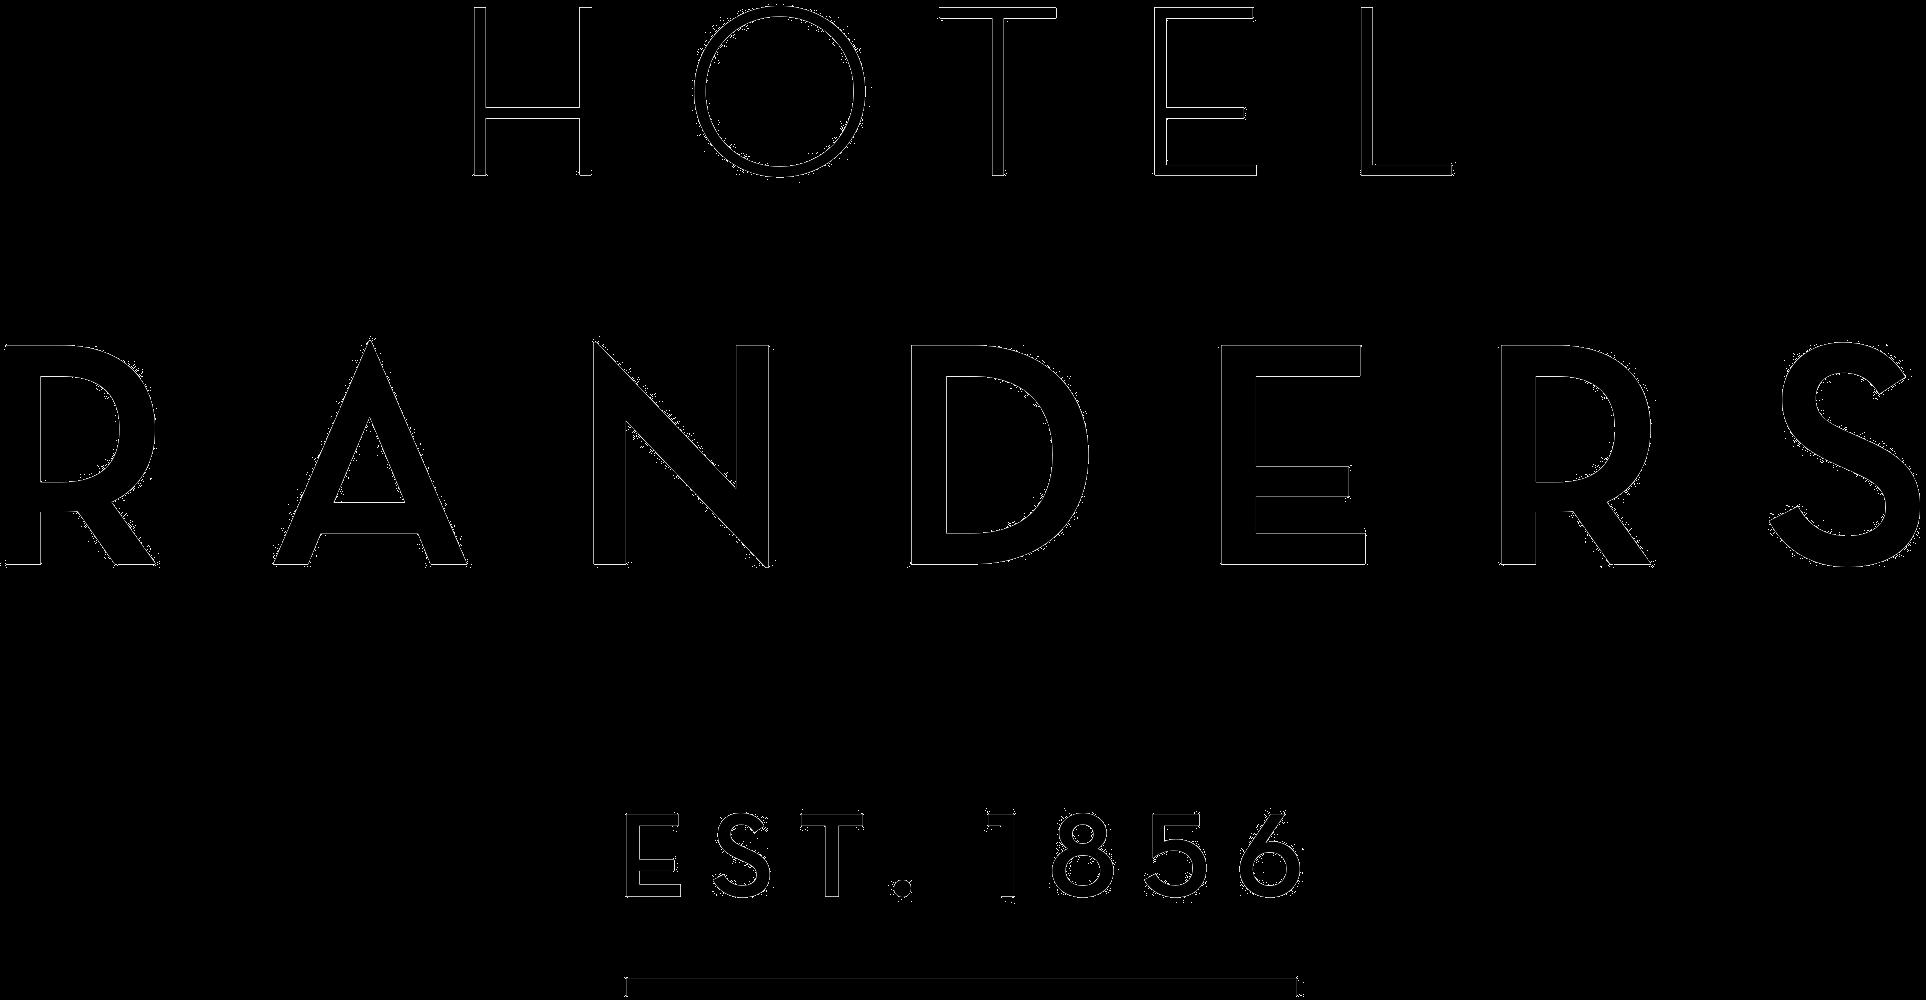 Hotel randers logo u bagg-2.png